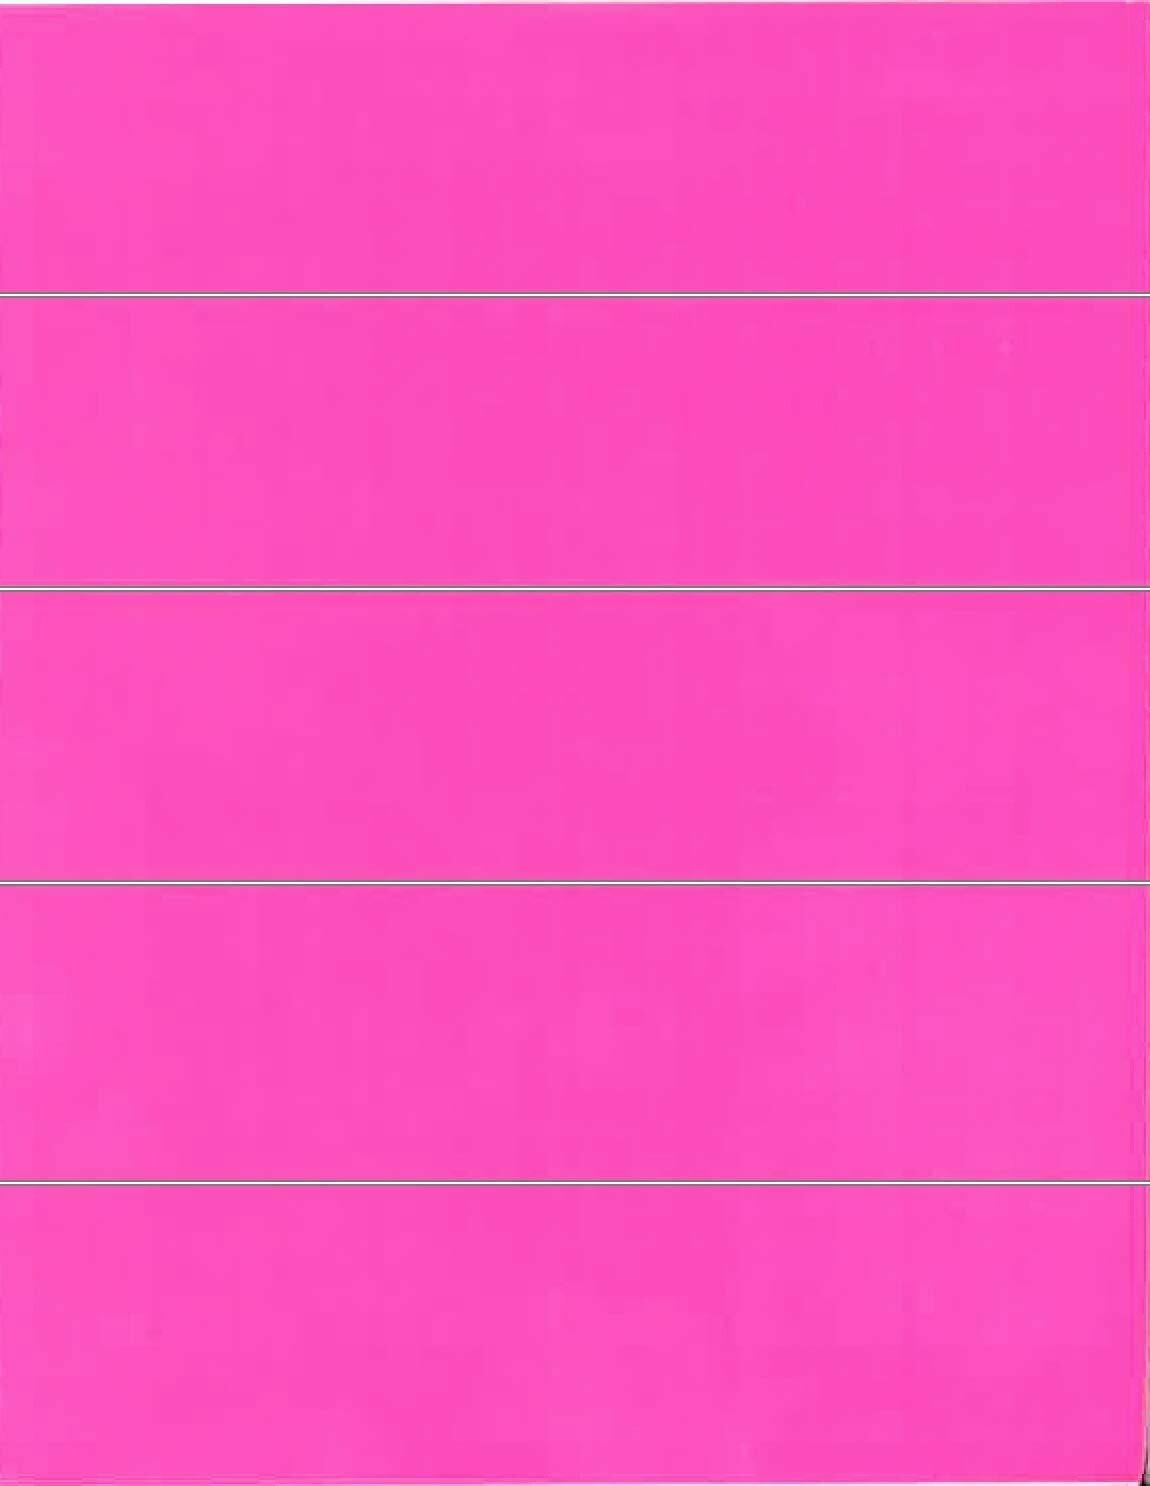 File Folder Labels: Pink - 50 Count